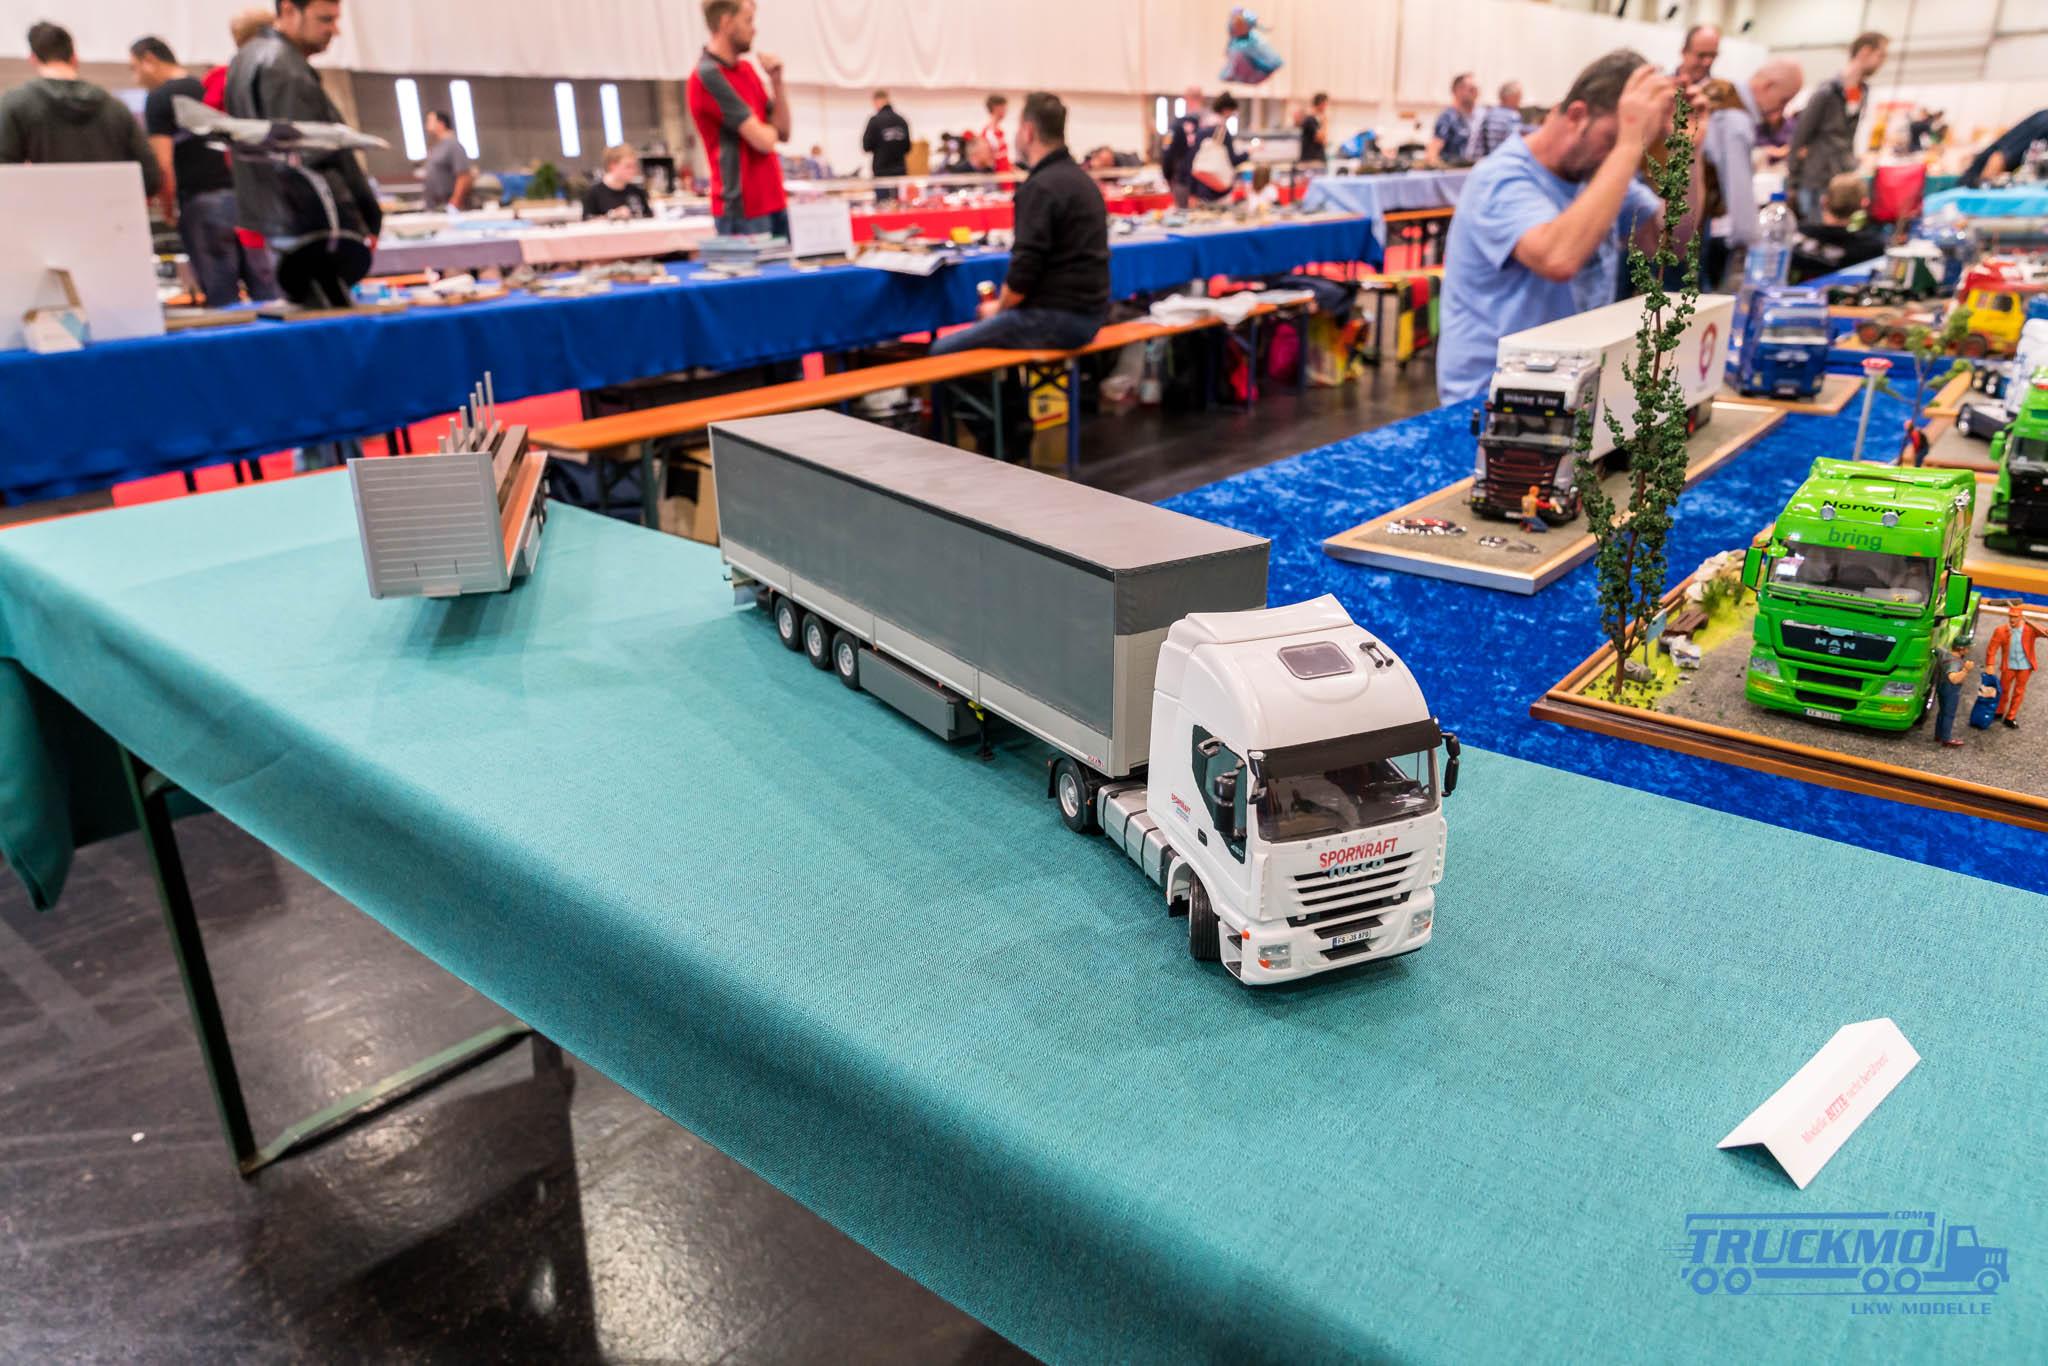 Truckmo_Modellbau_Ried_2017_Herpa_Messe_Modellbauausstellung (316 von 1177)